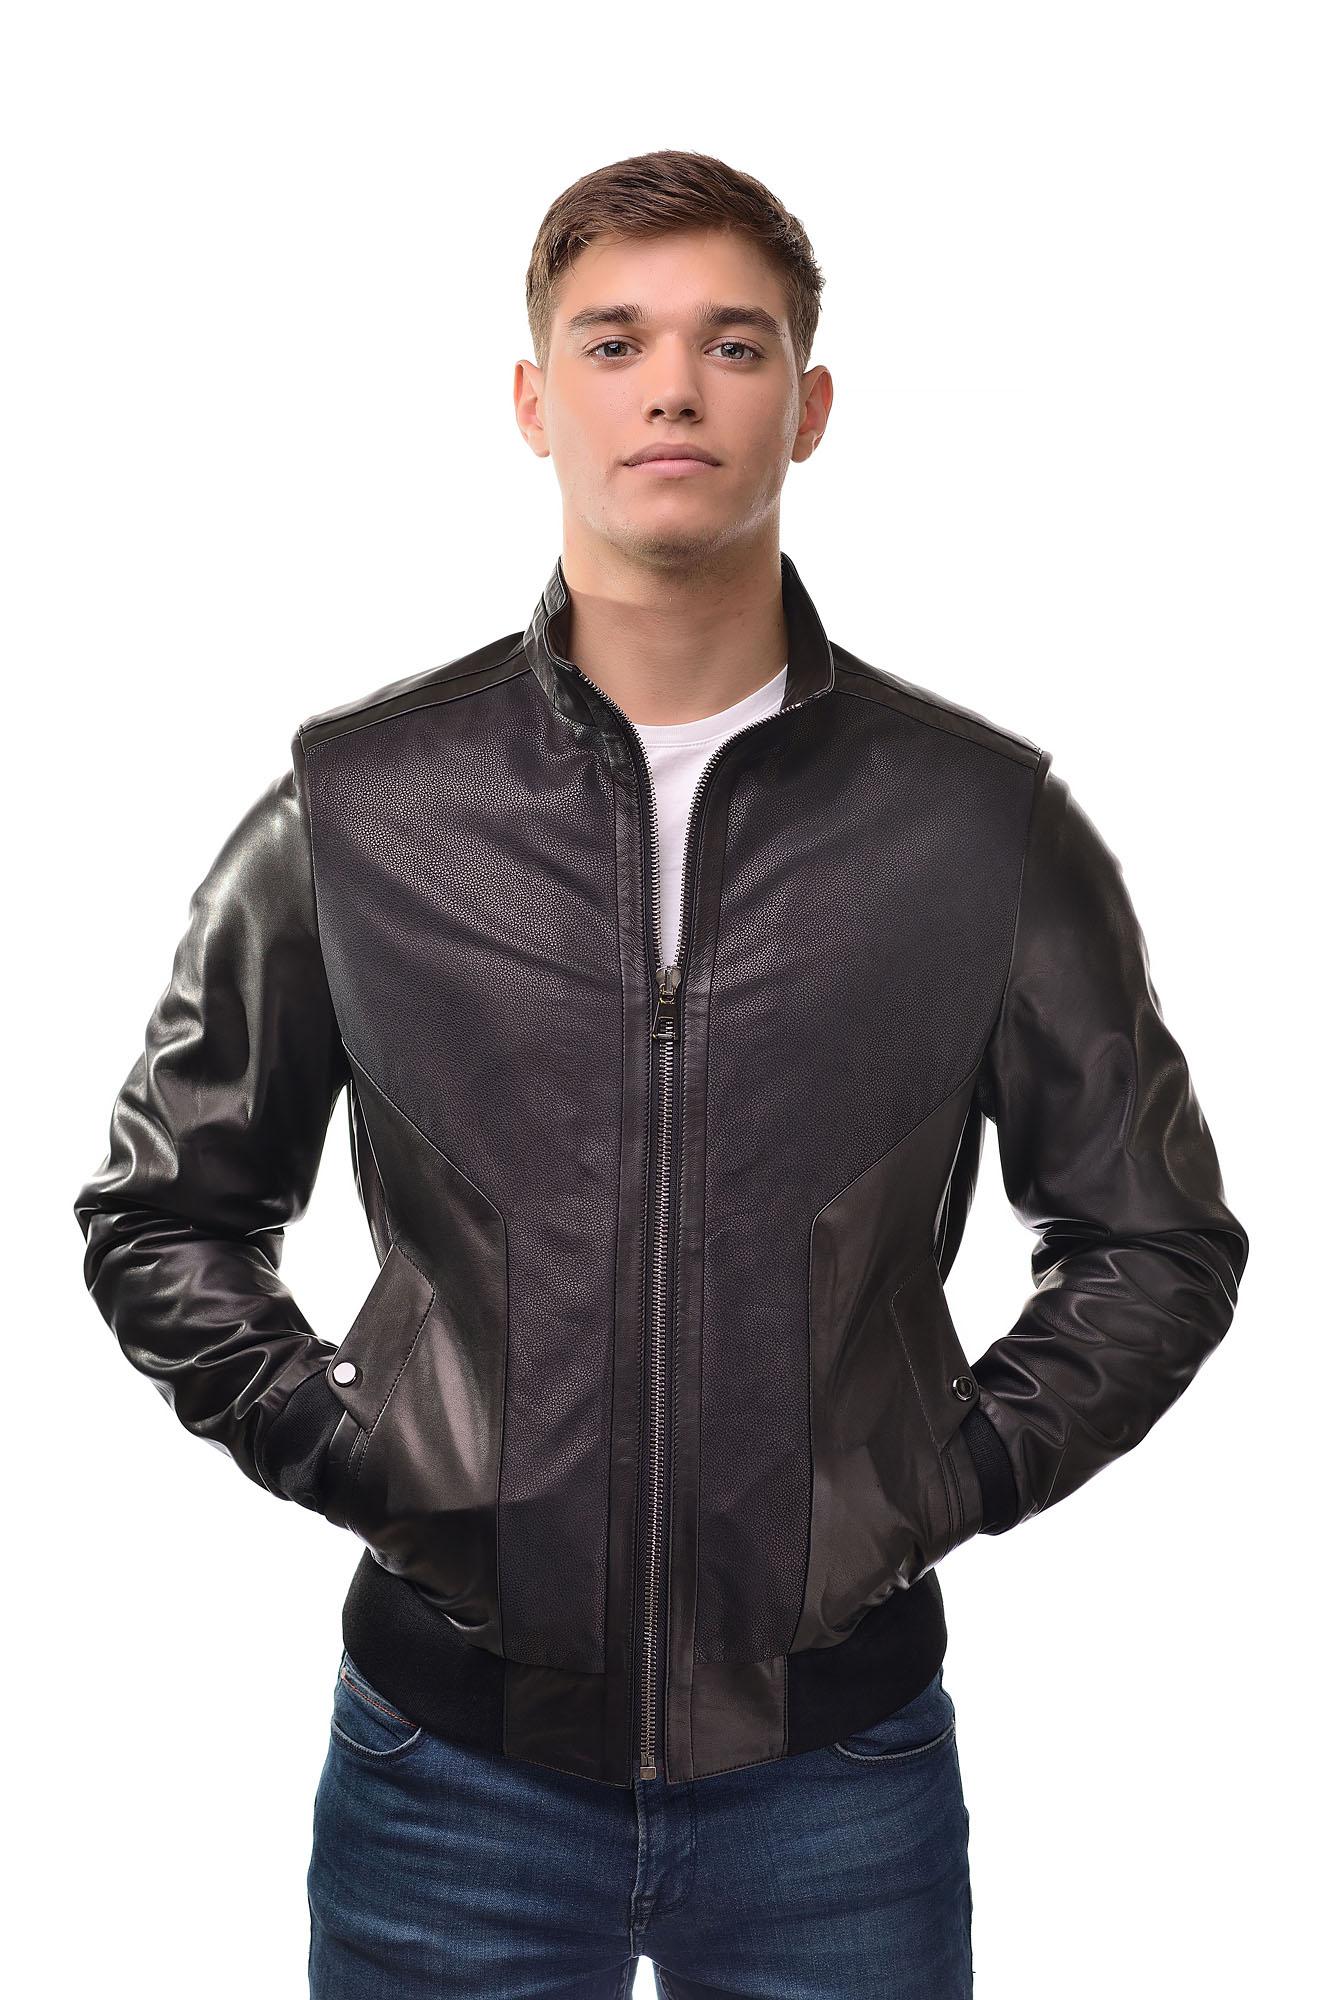 Мужская Кожана курткаZ-310(Черный)